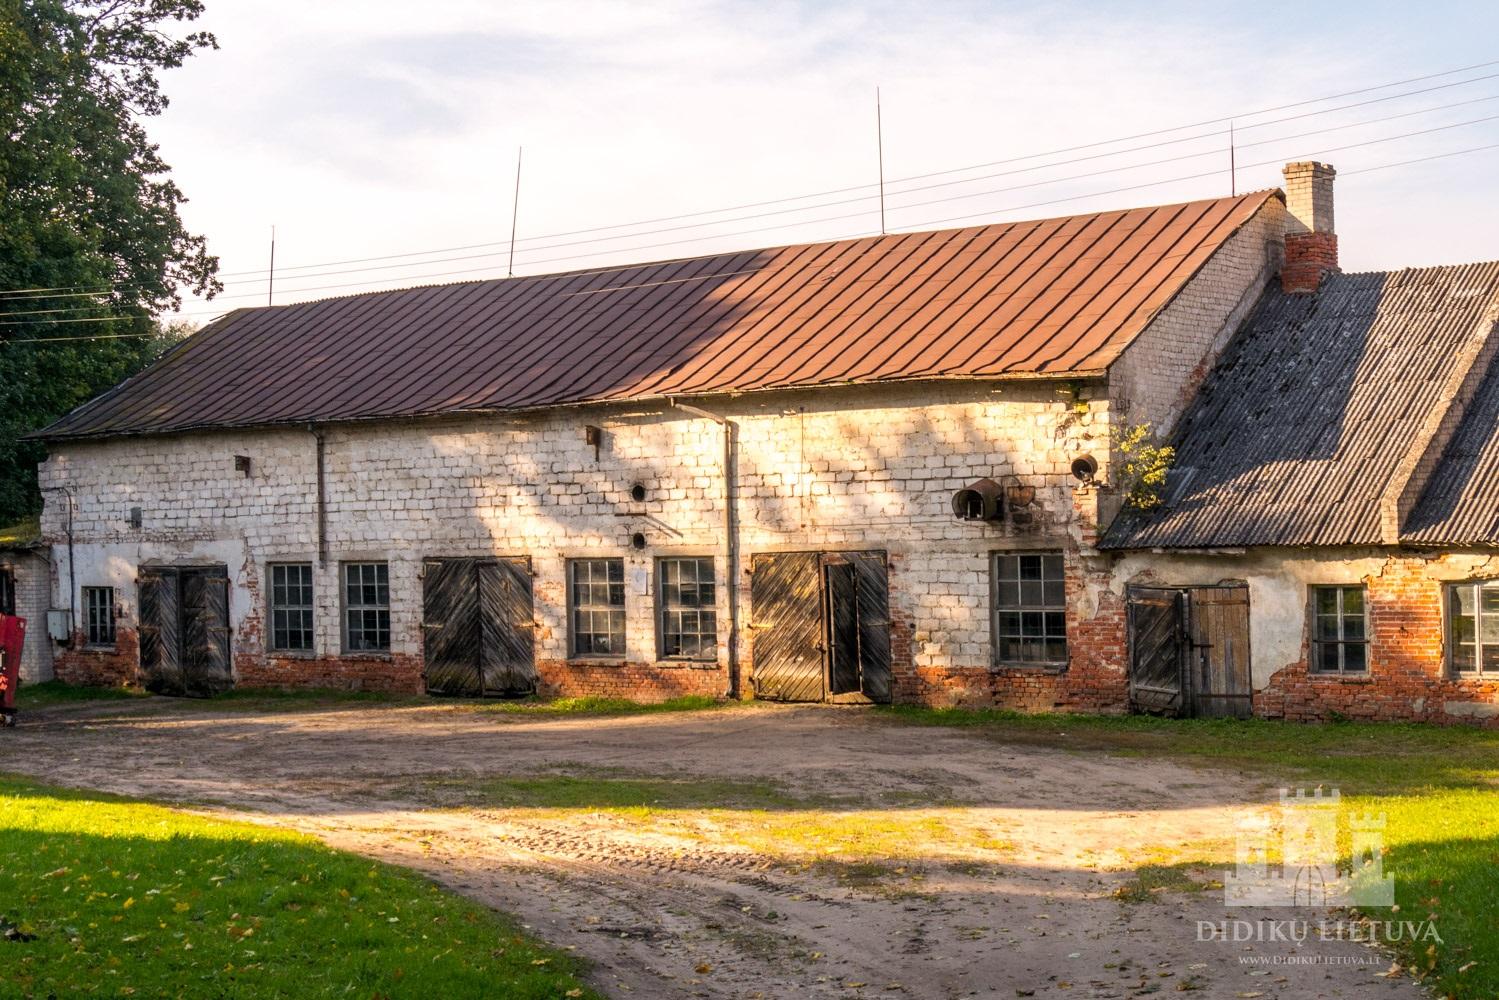 Kidulių dvaro sodybos antras ūkinis pastatas